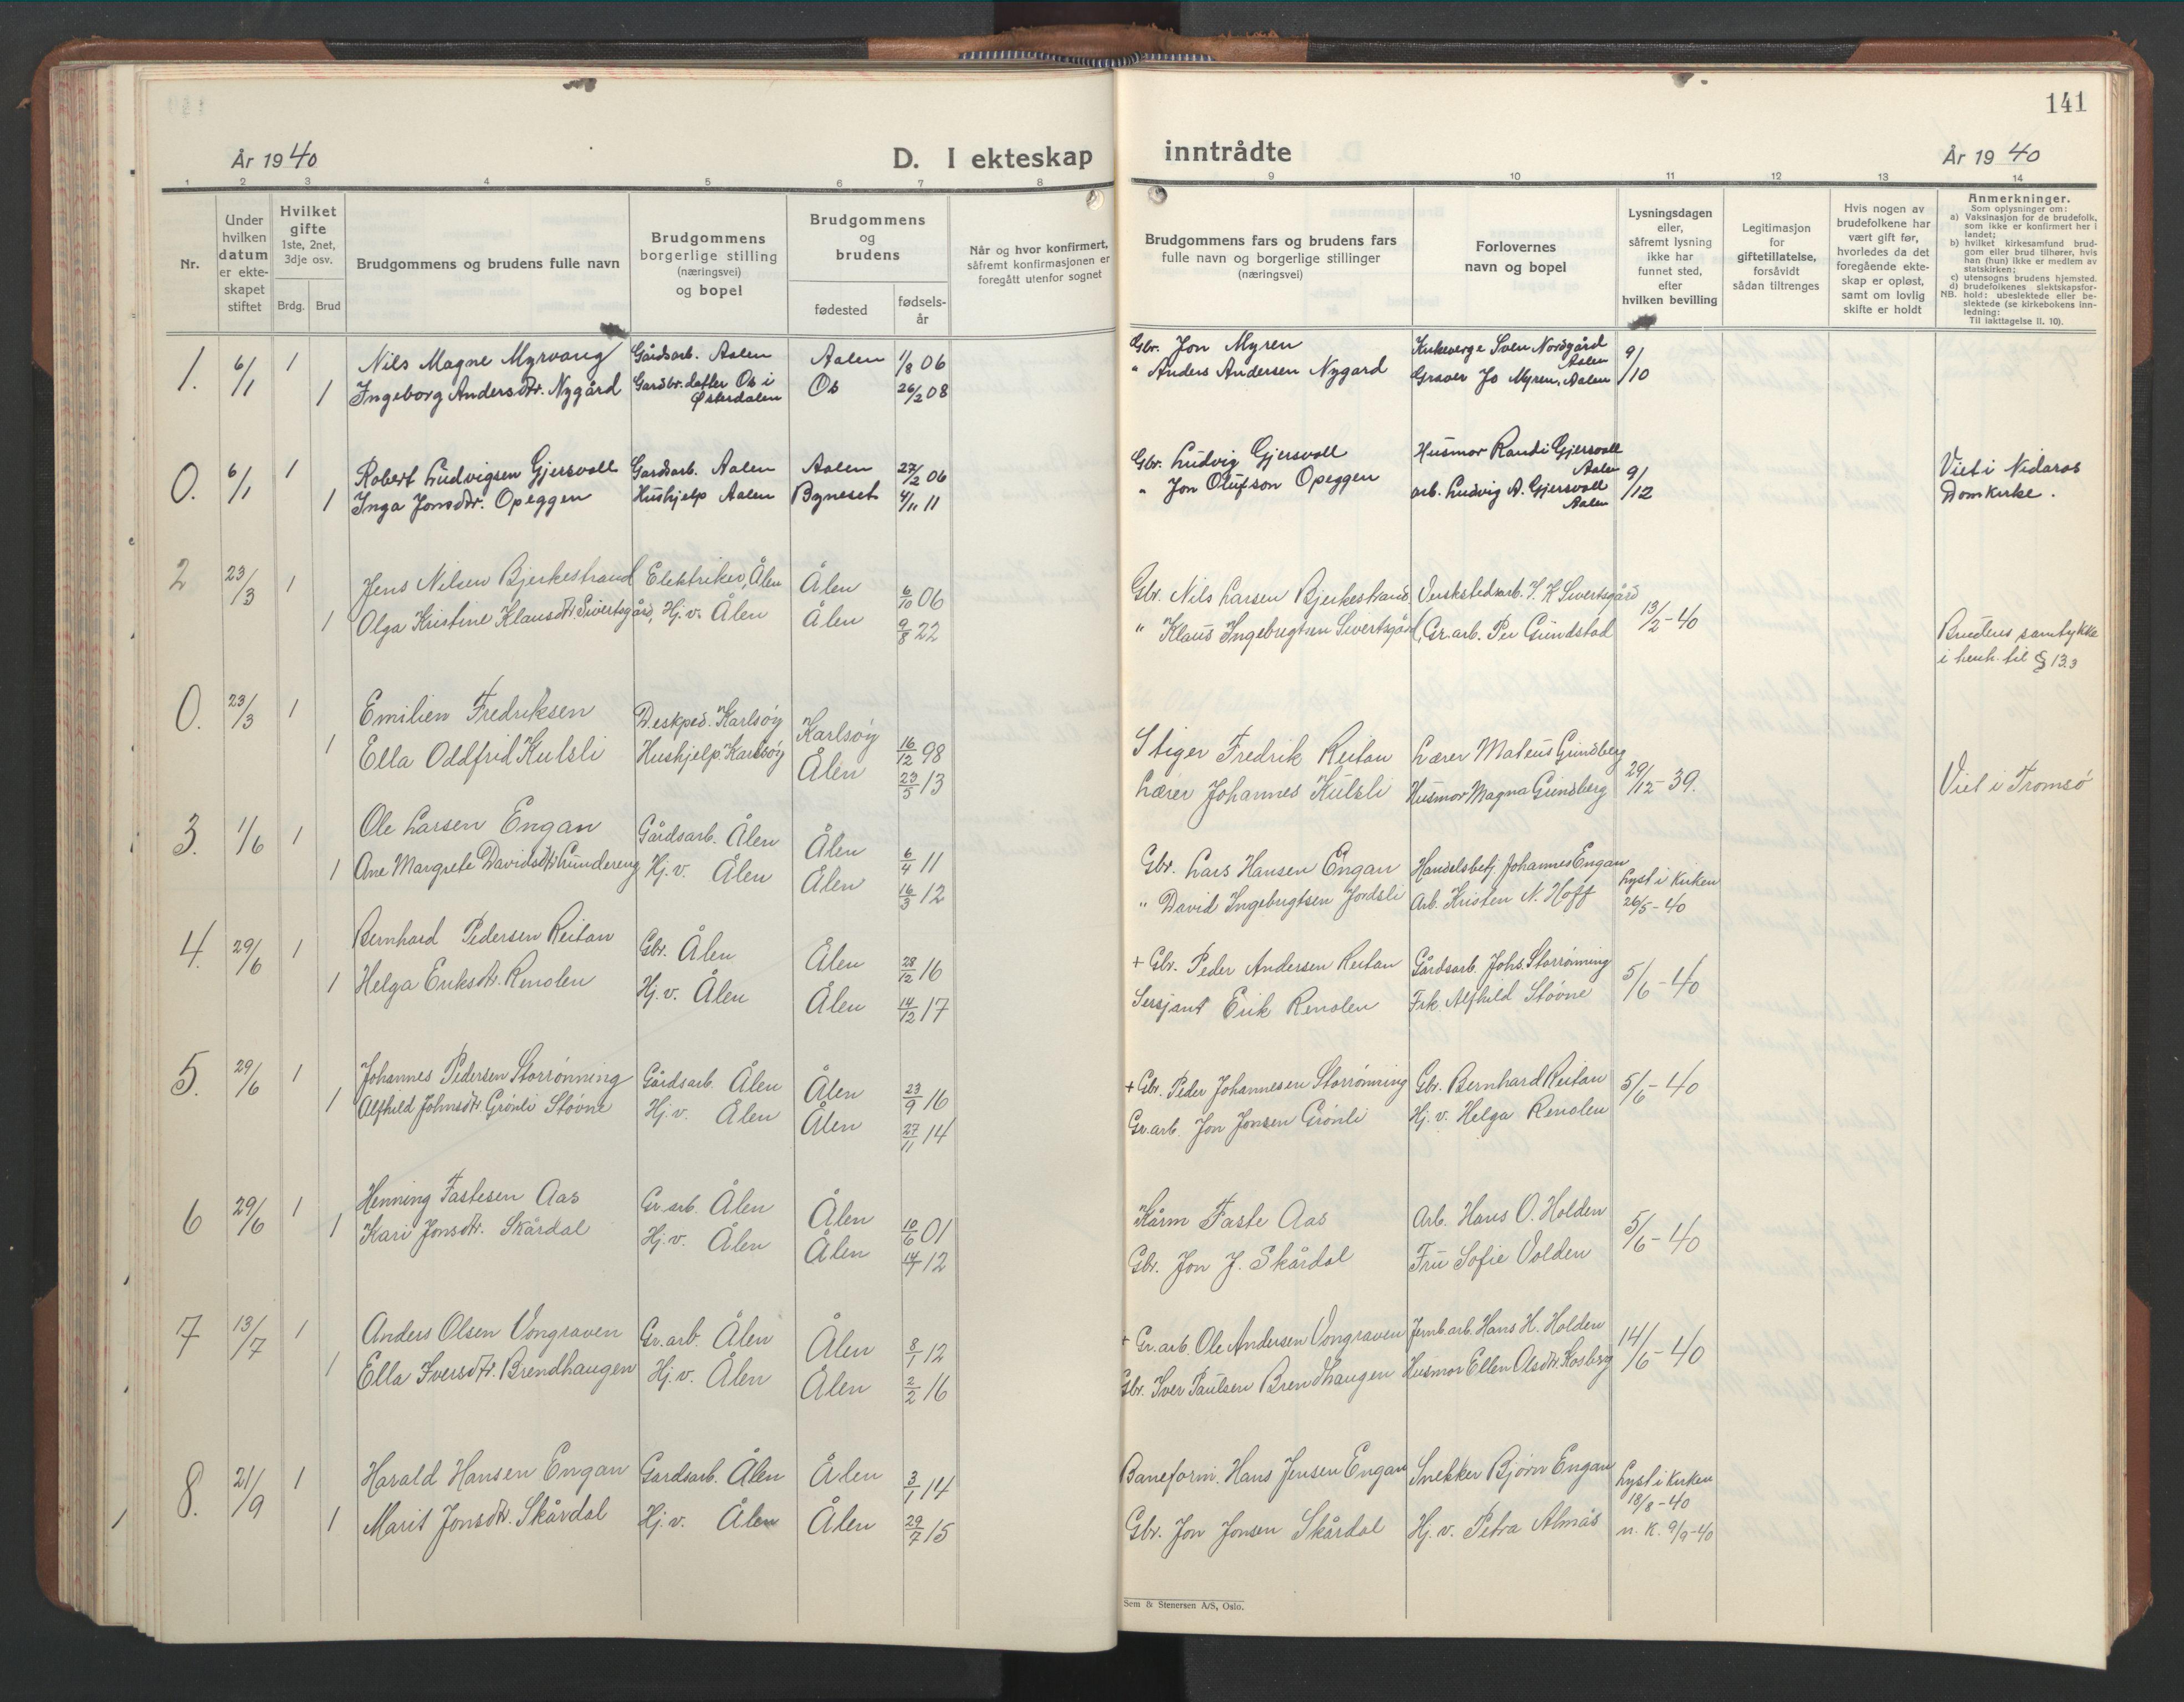 SAT, Ministerialprotokoller, klokkerbøker og fødselsregistre - Sør-Trøndelag, 686/L0986: Klokkerbok nr. 686C02, 1933-1950, s. 141